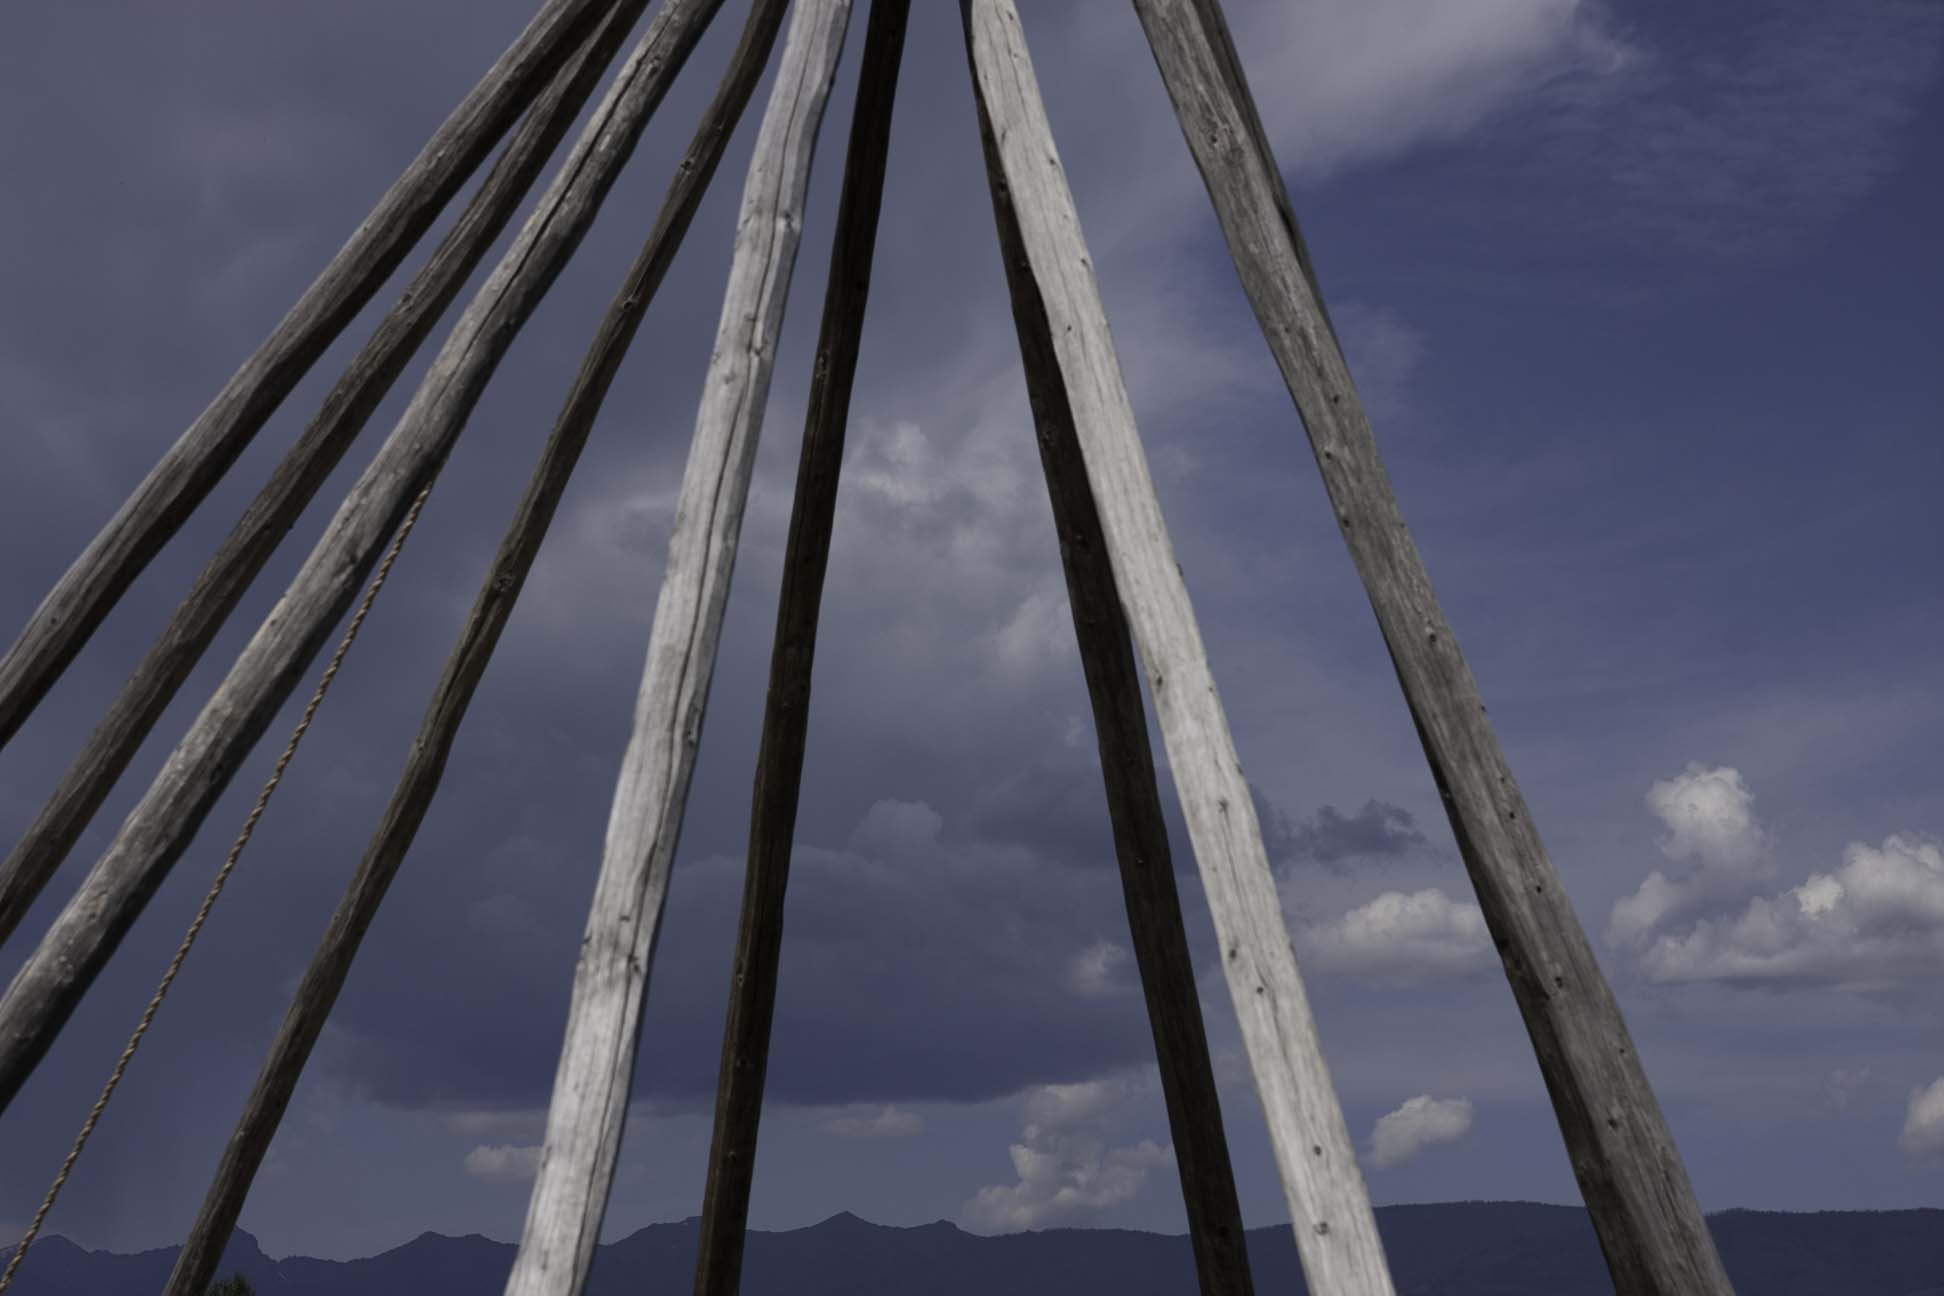 tepee sticks and montana sky.jpg